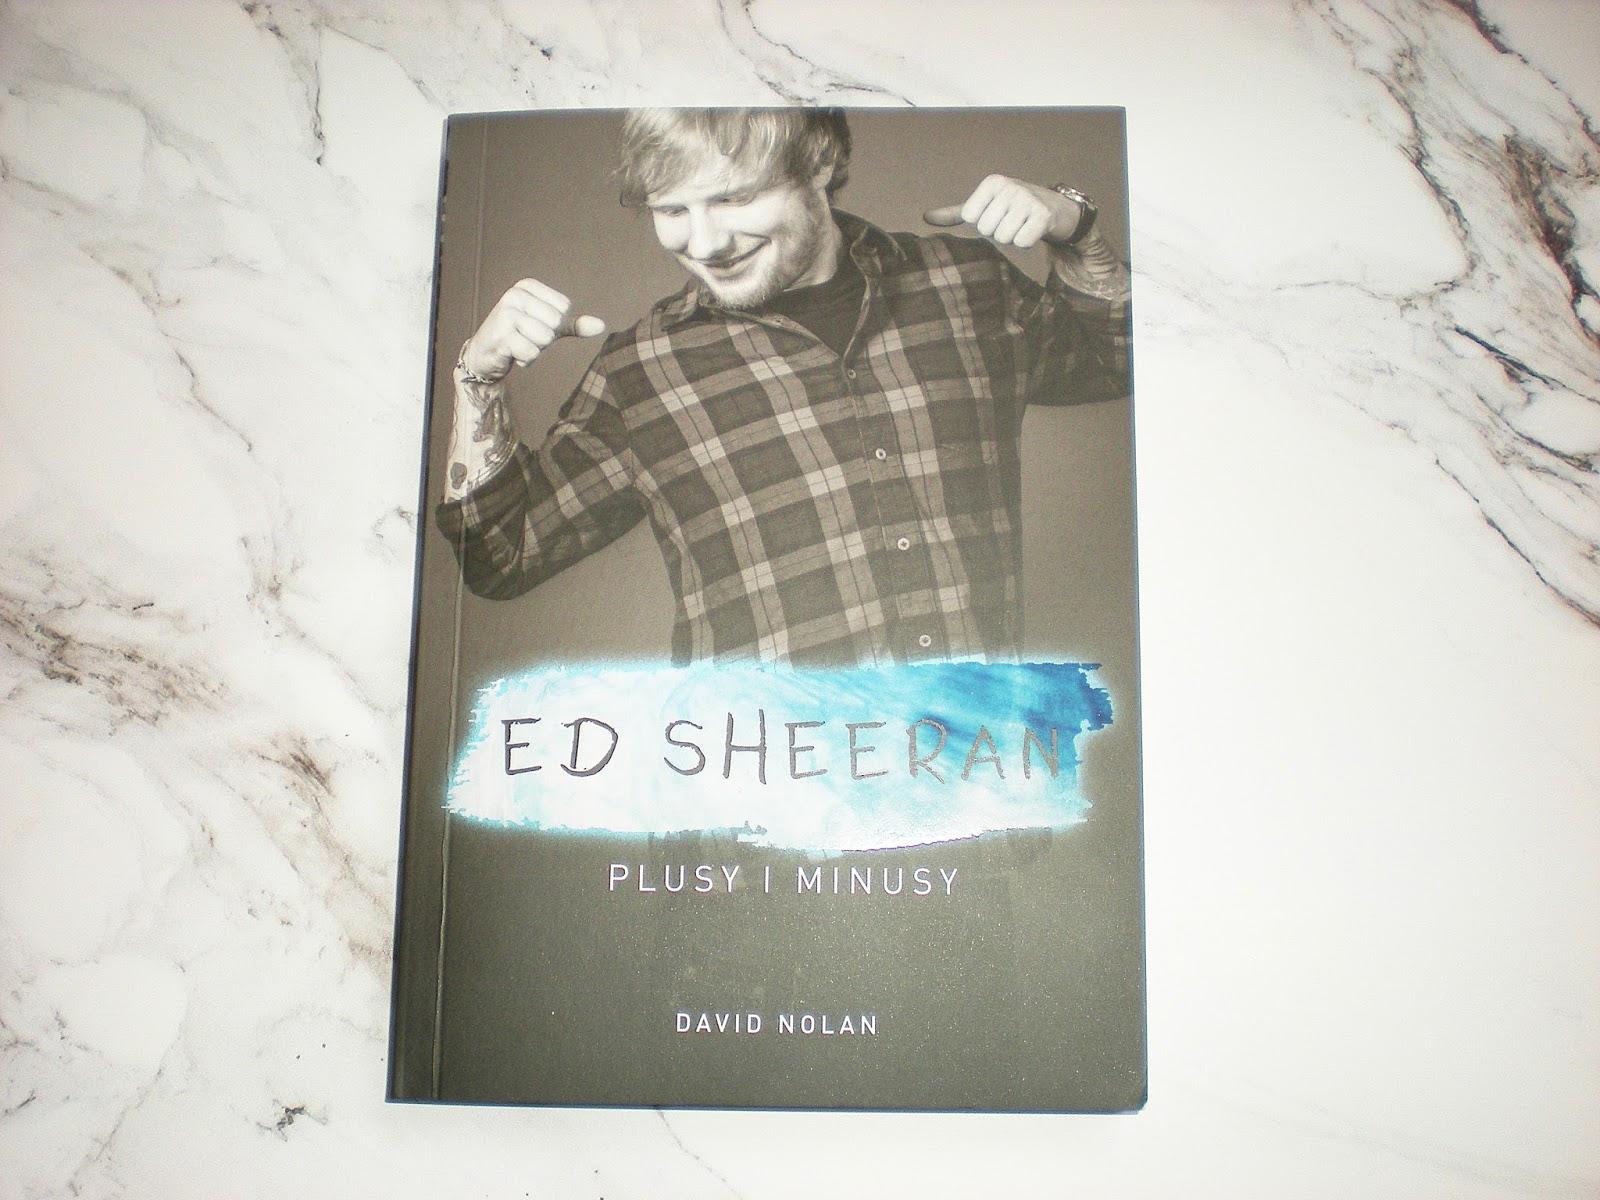 Ed Sheeran_Plusy i minusy